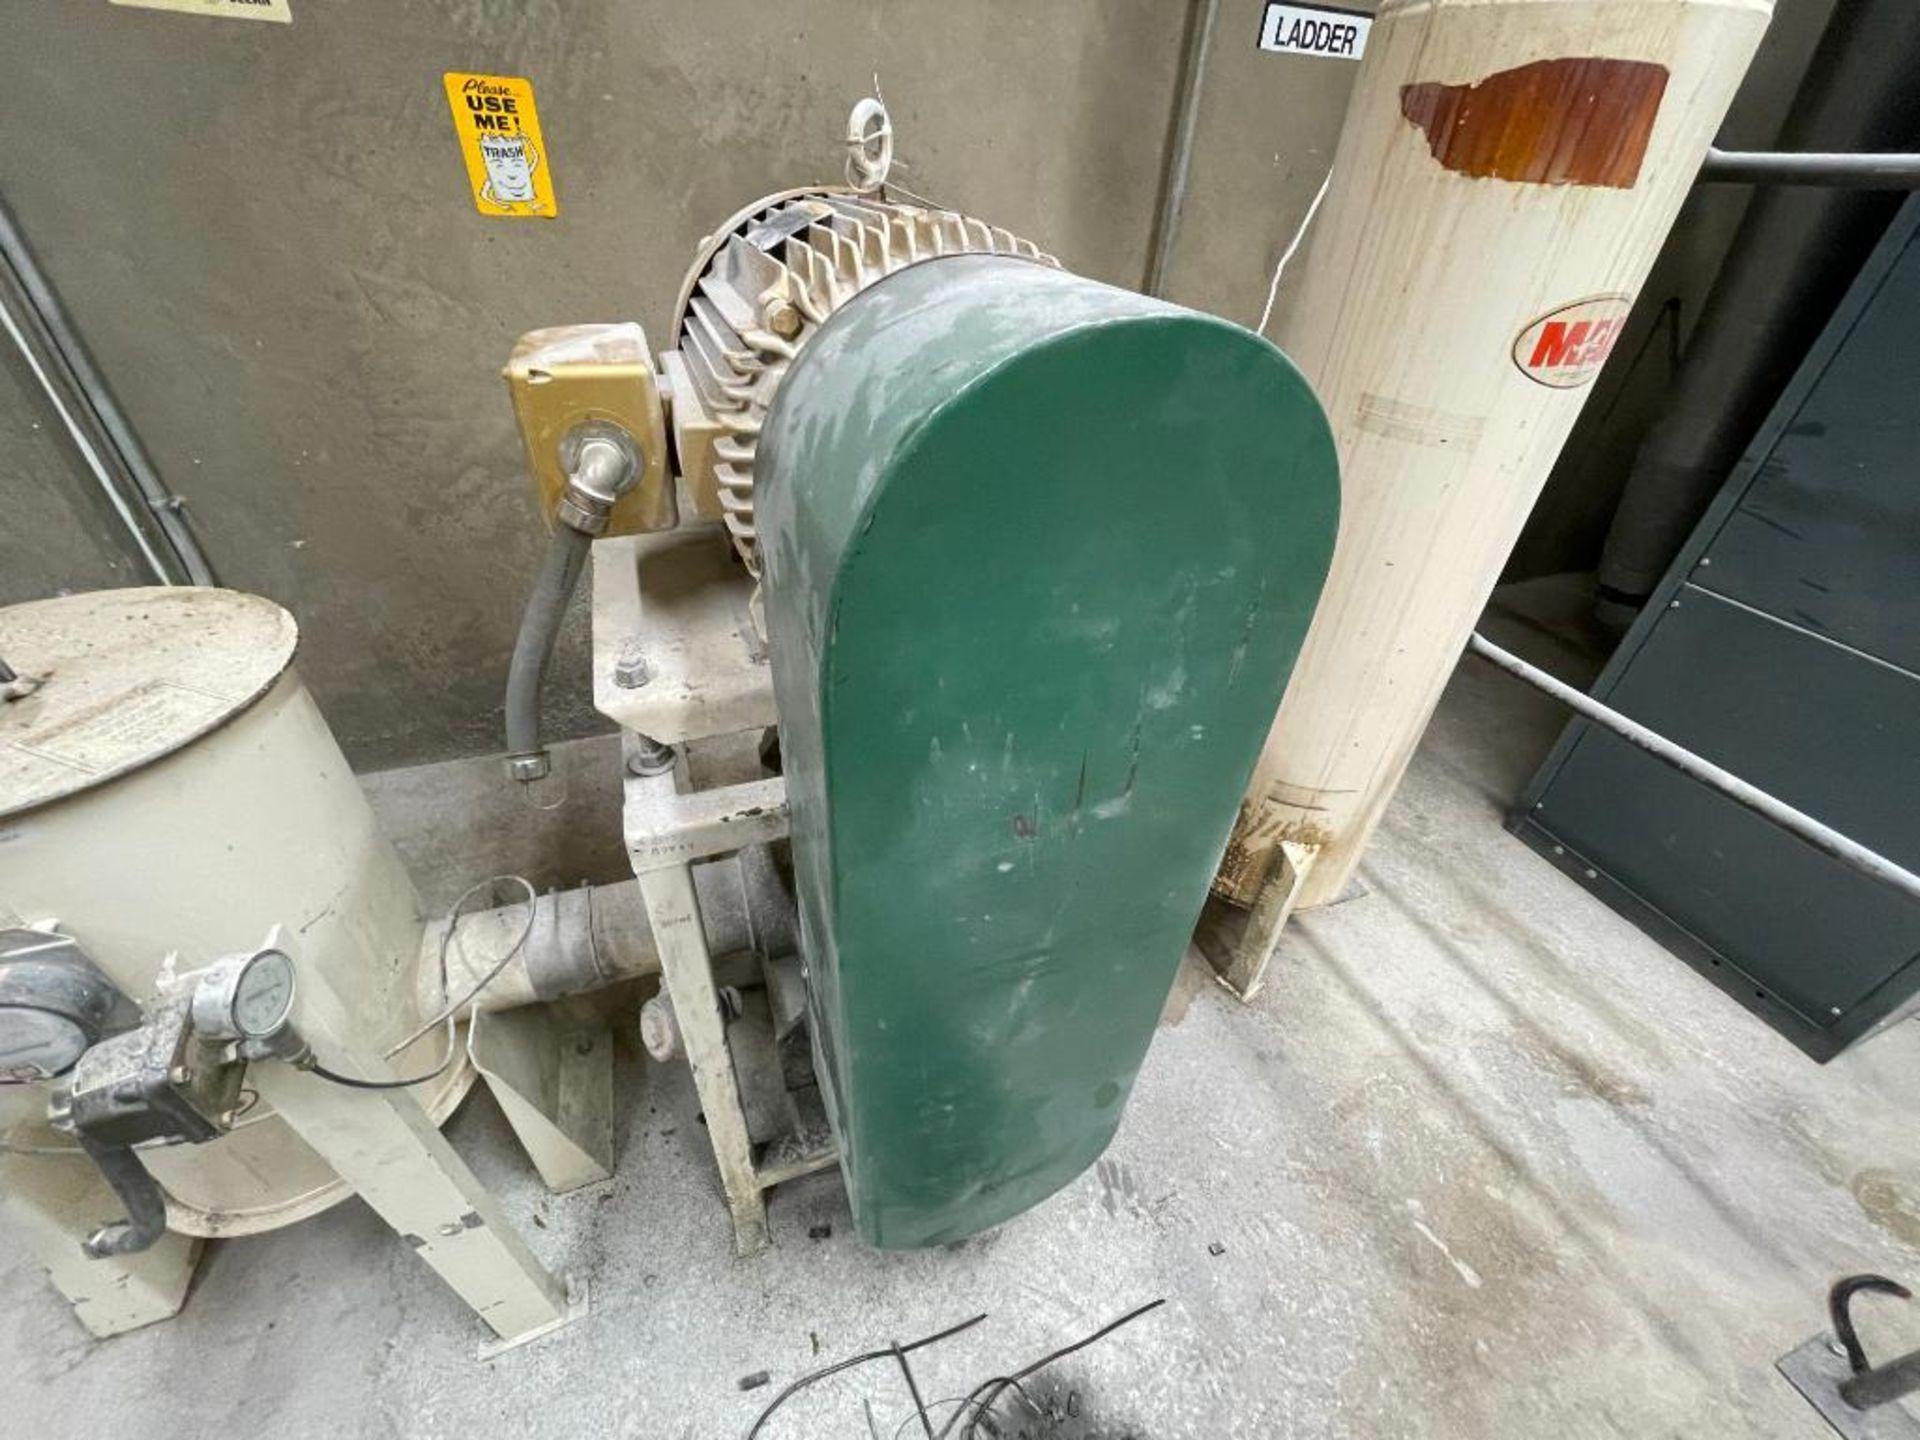 Gardner Denver rotary positive blower - Image 17 of 33